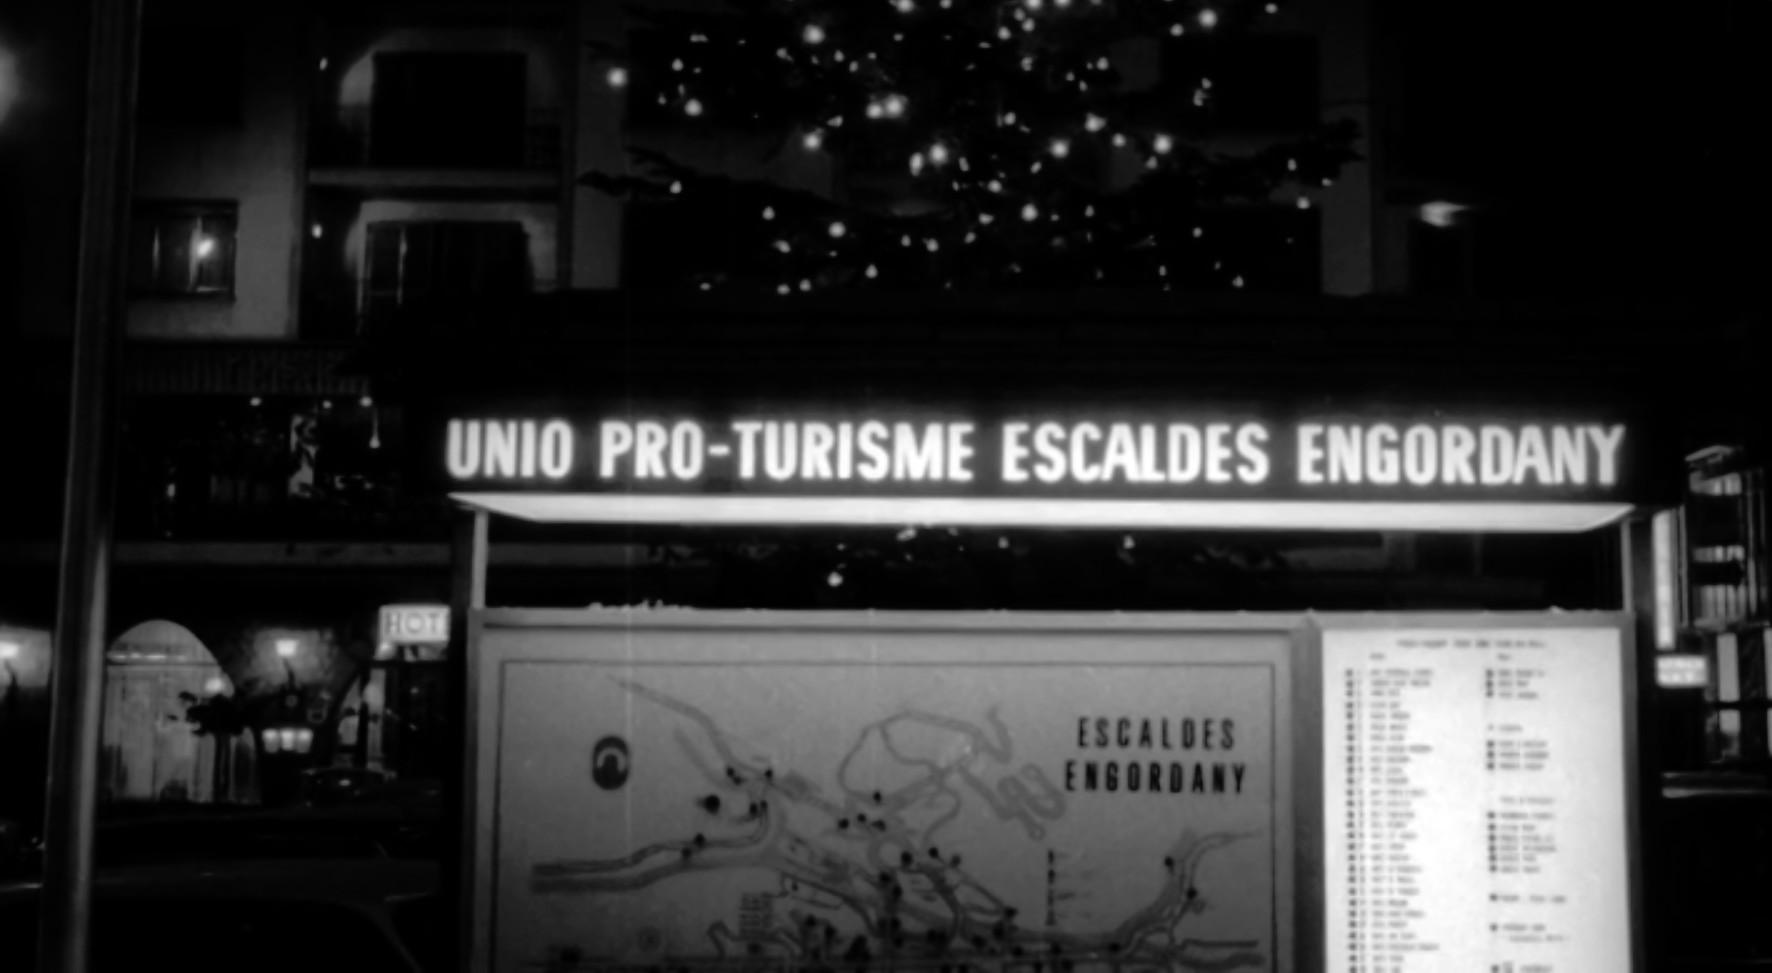 Cròniques d'Escaldes-Engordany - Capítol 11